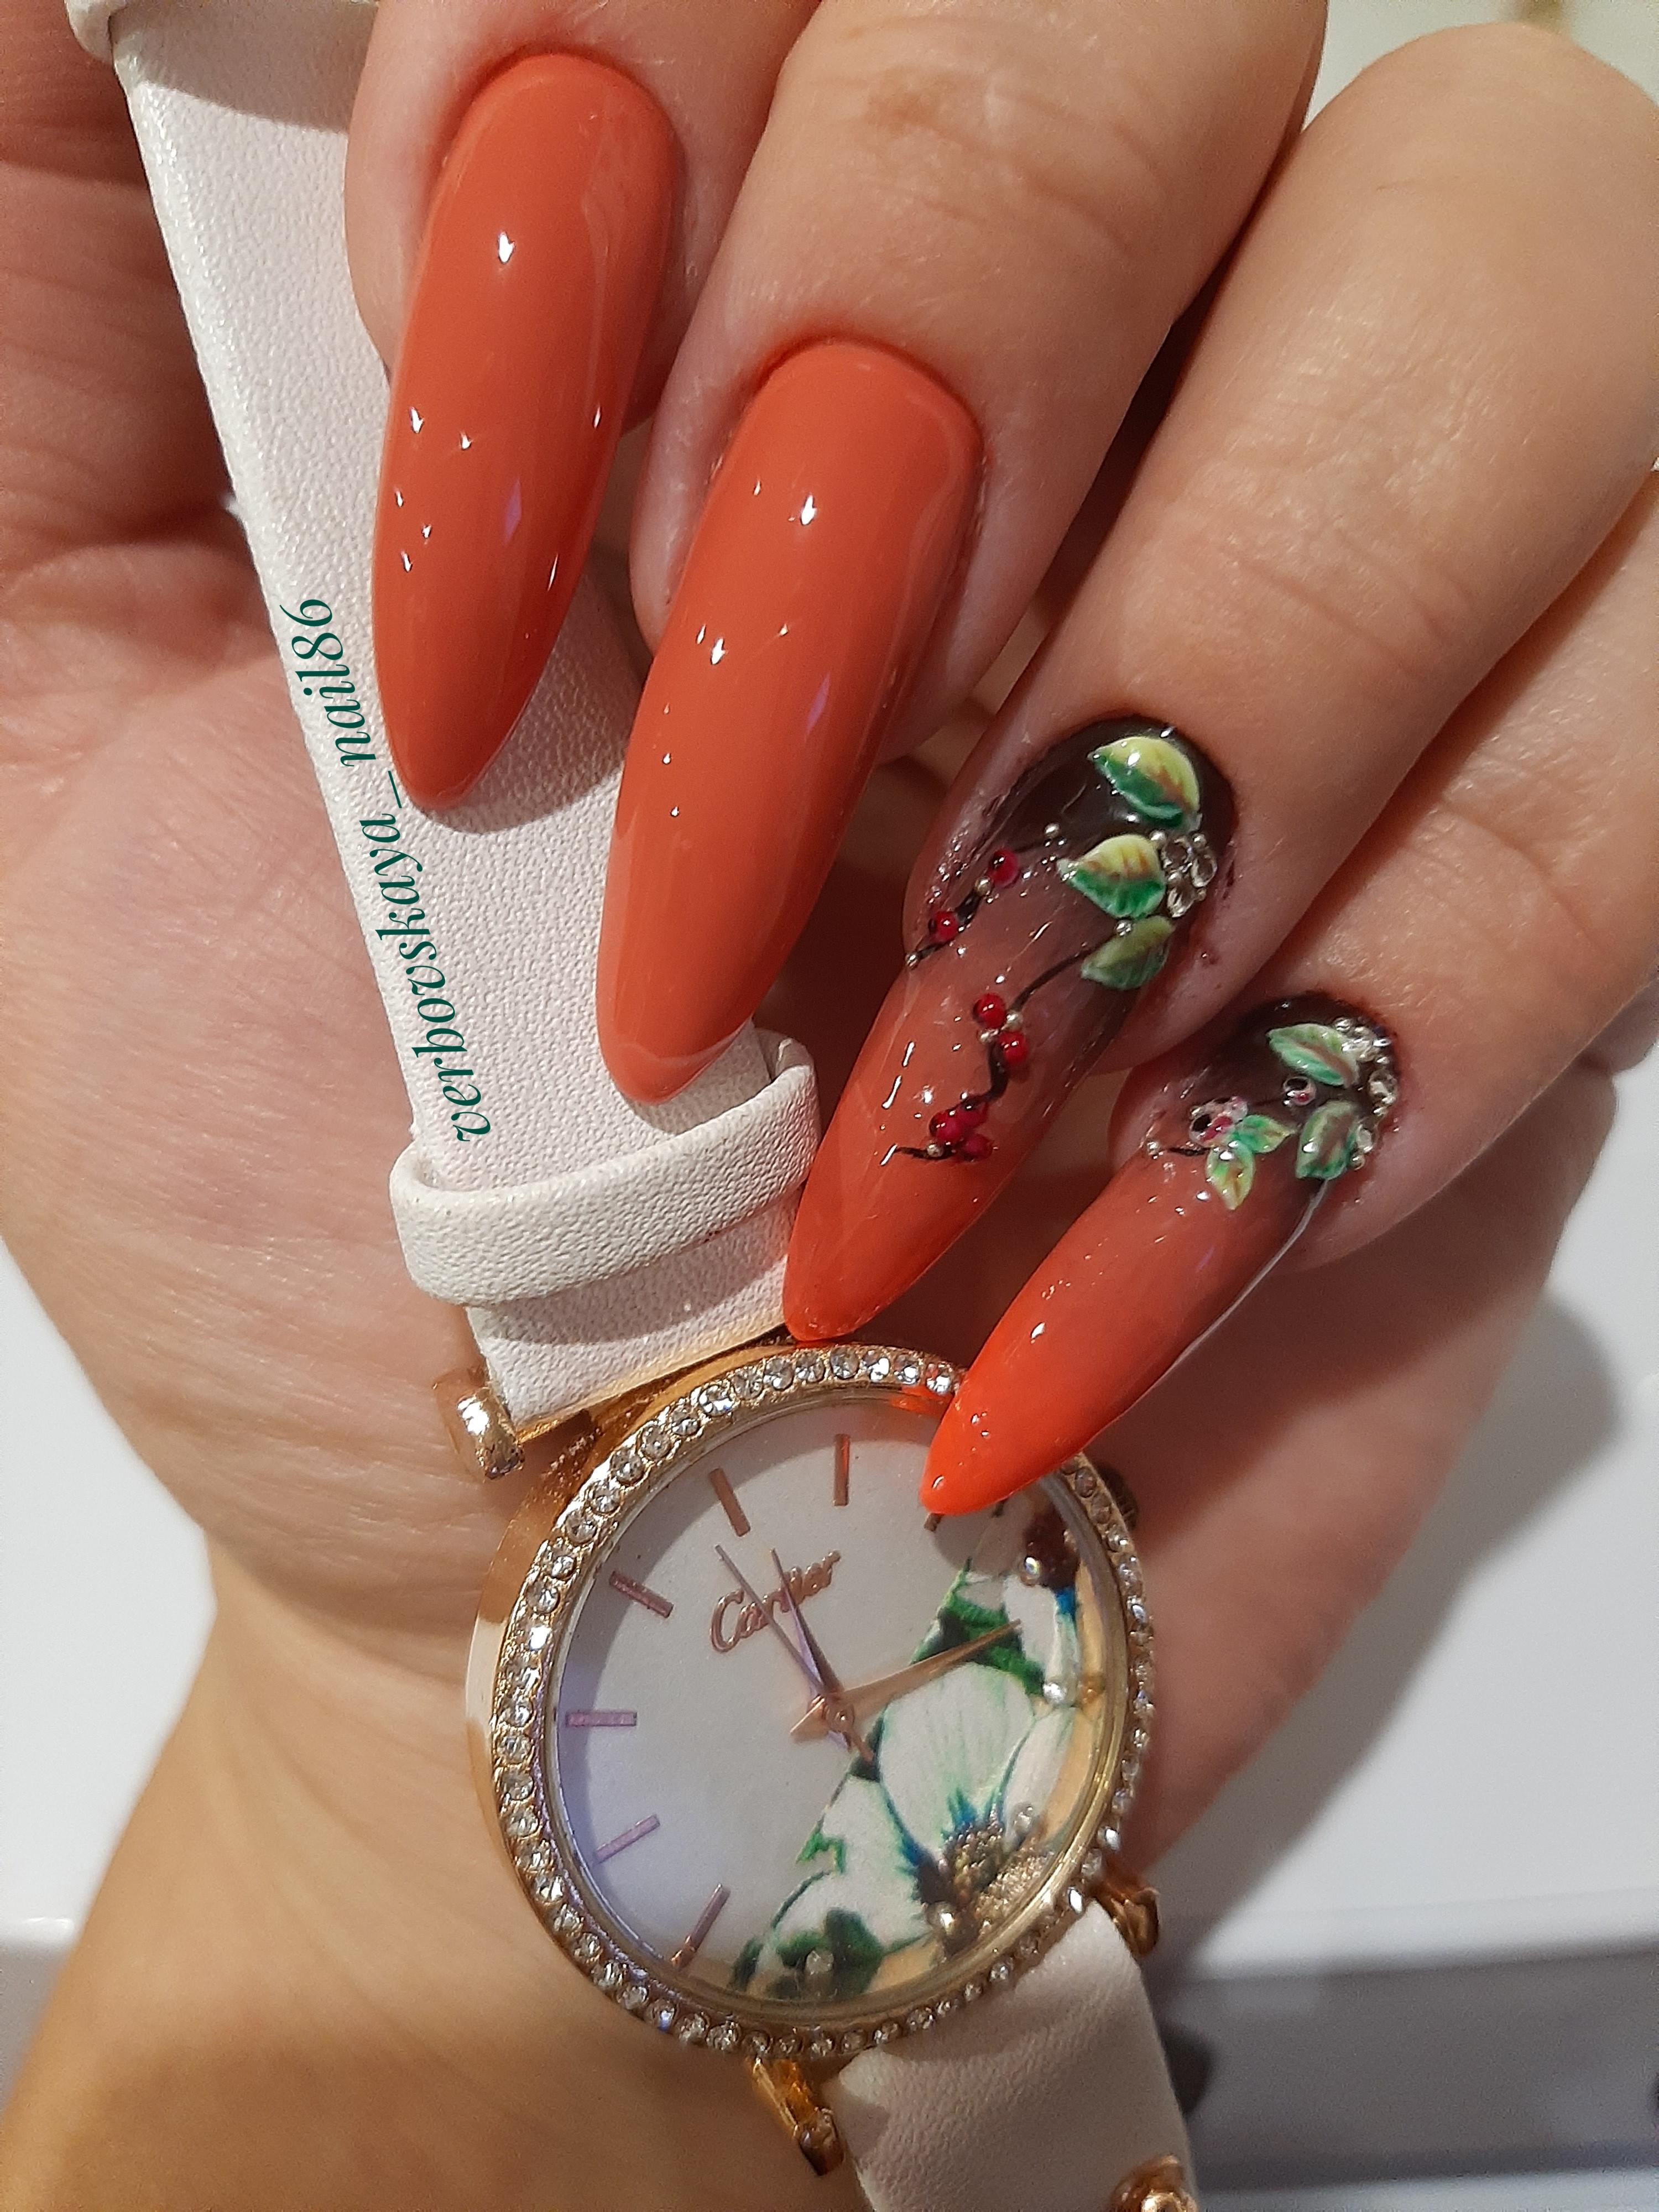 Маникюр с цветочной лепкой и стразами в рыжем цвете на длинные ногти.